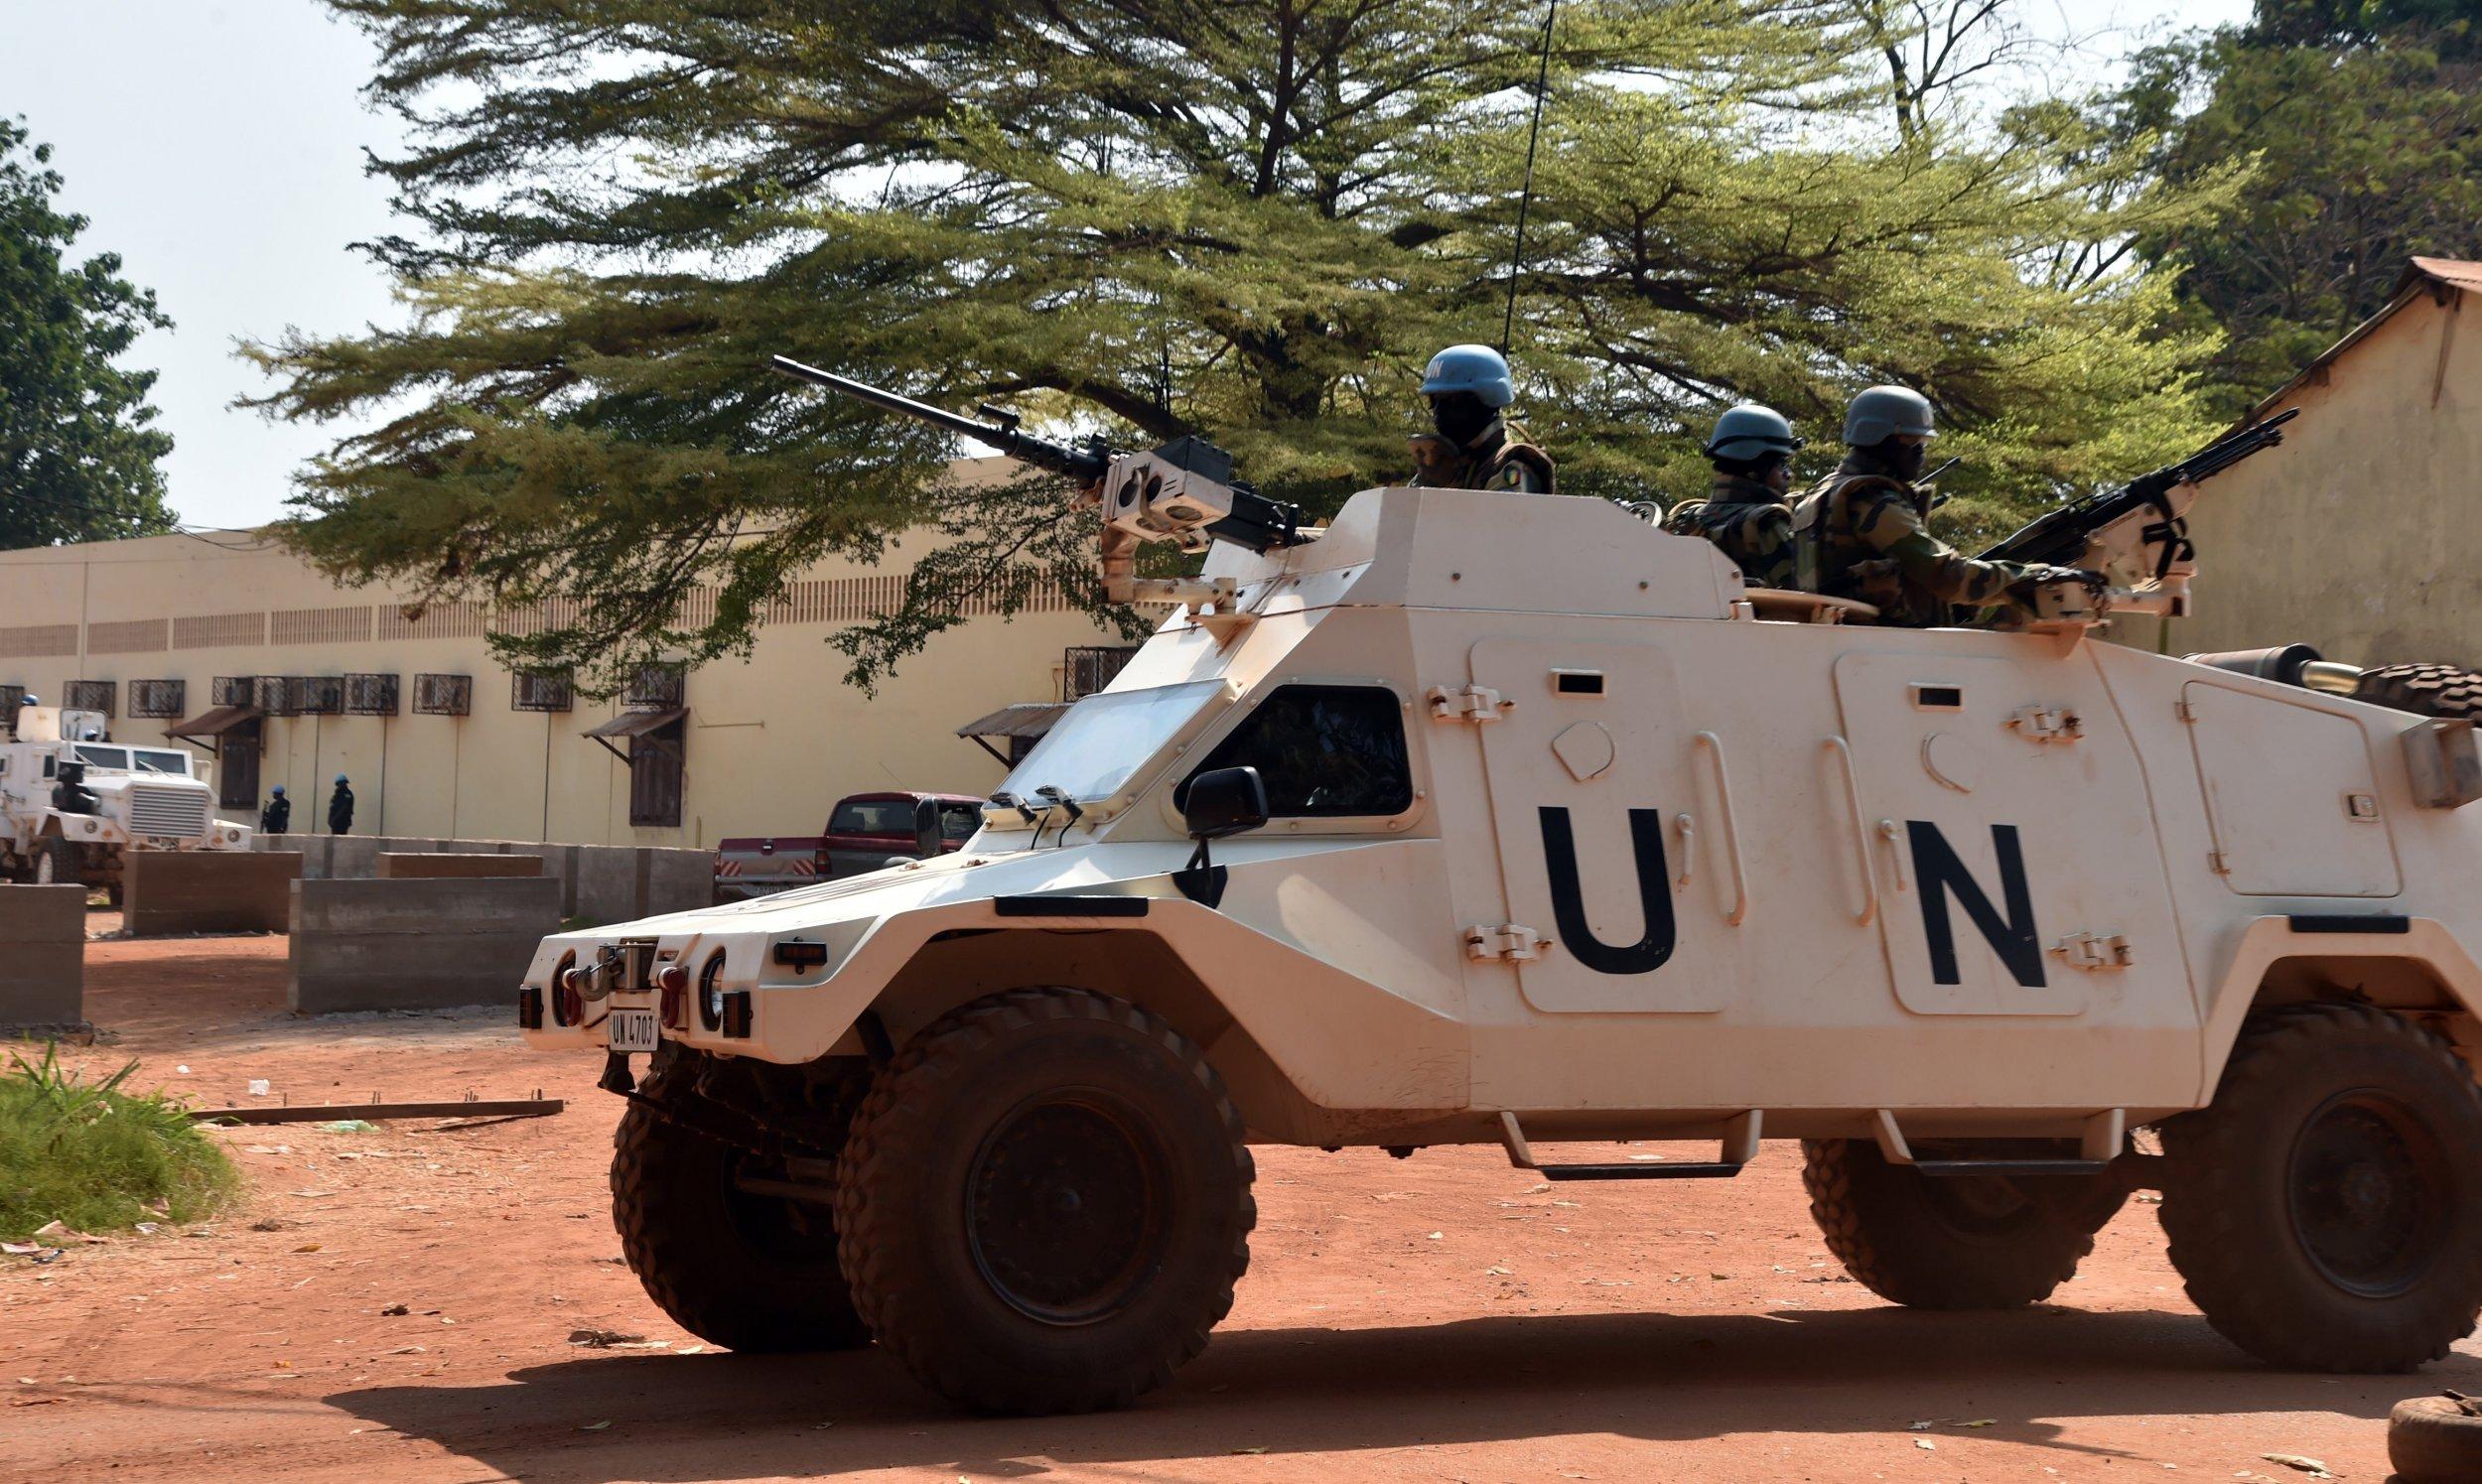 U.N. peacekeepers in Central African Republic